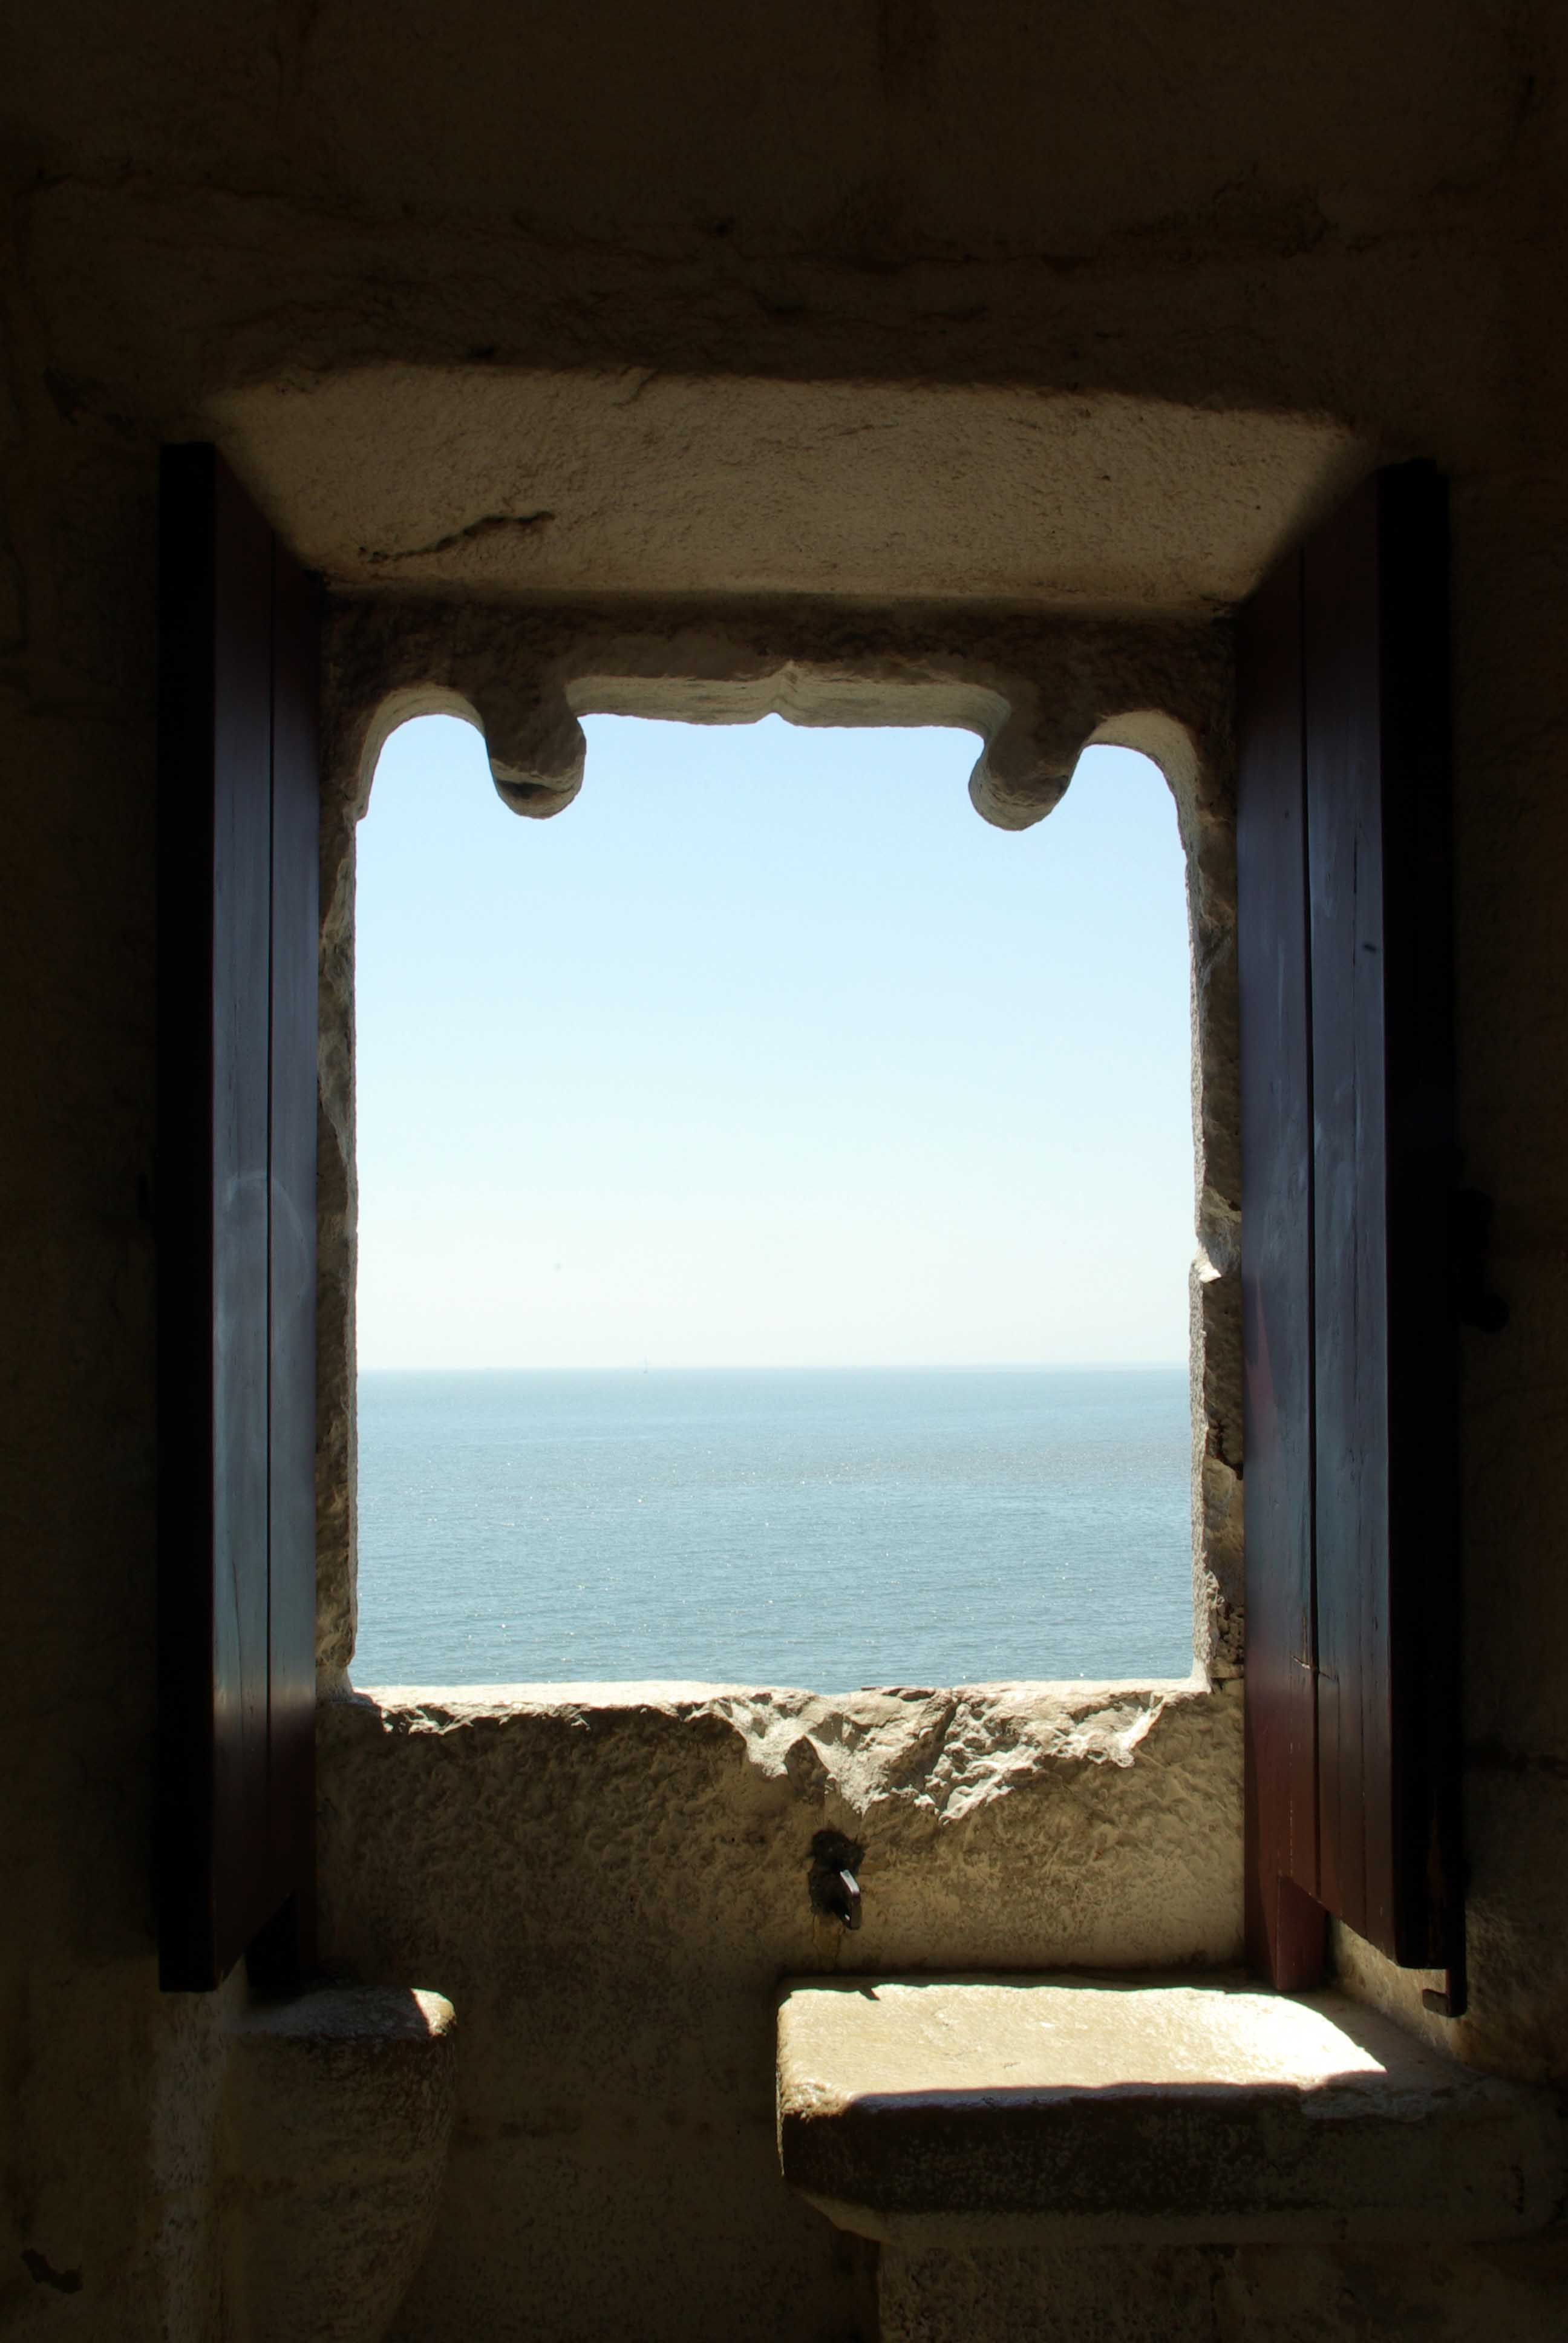 El terrible Atlàntic des de la Torre de Belem a l'estuari del Tajo (Lisboa)